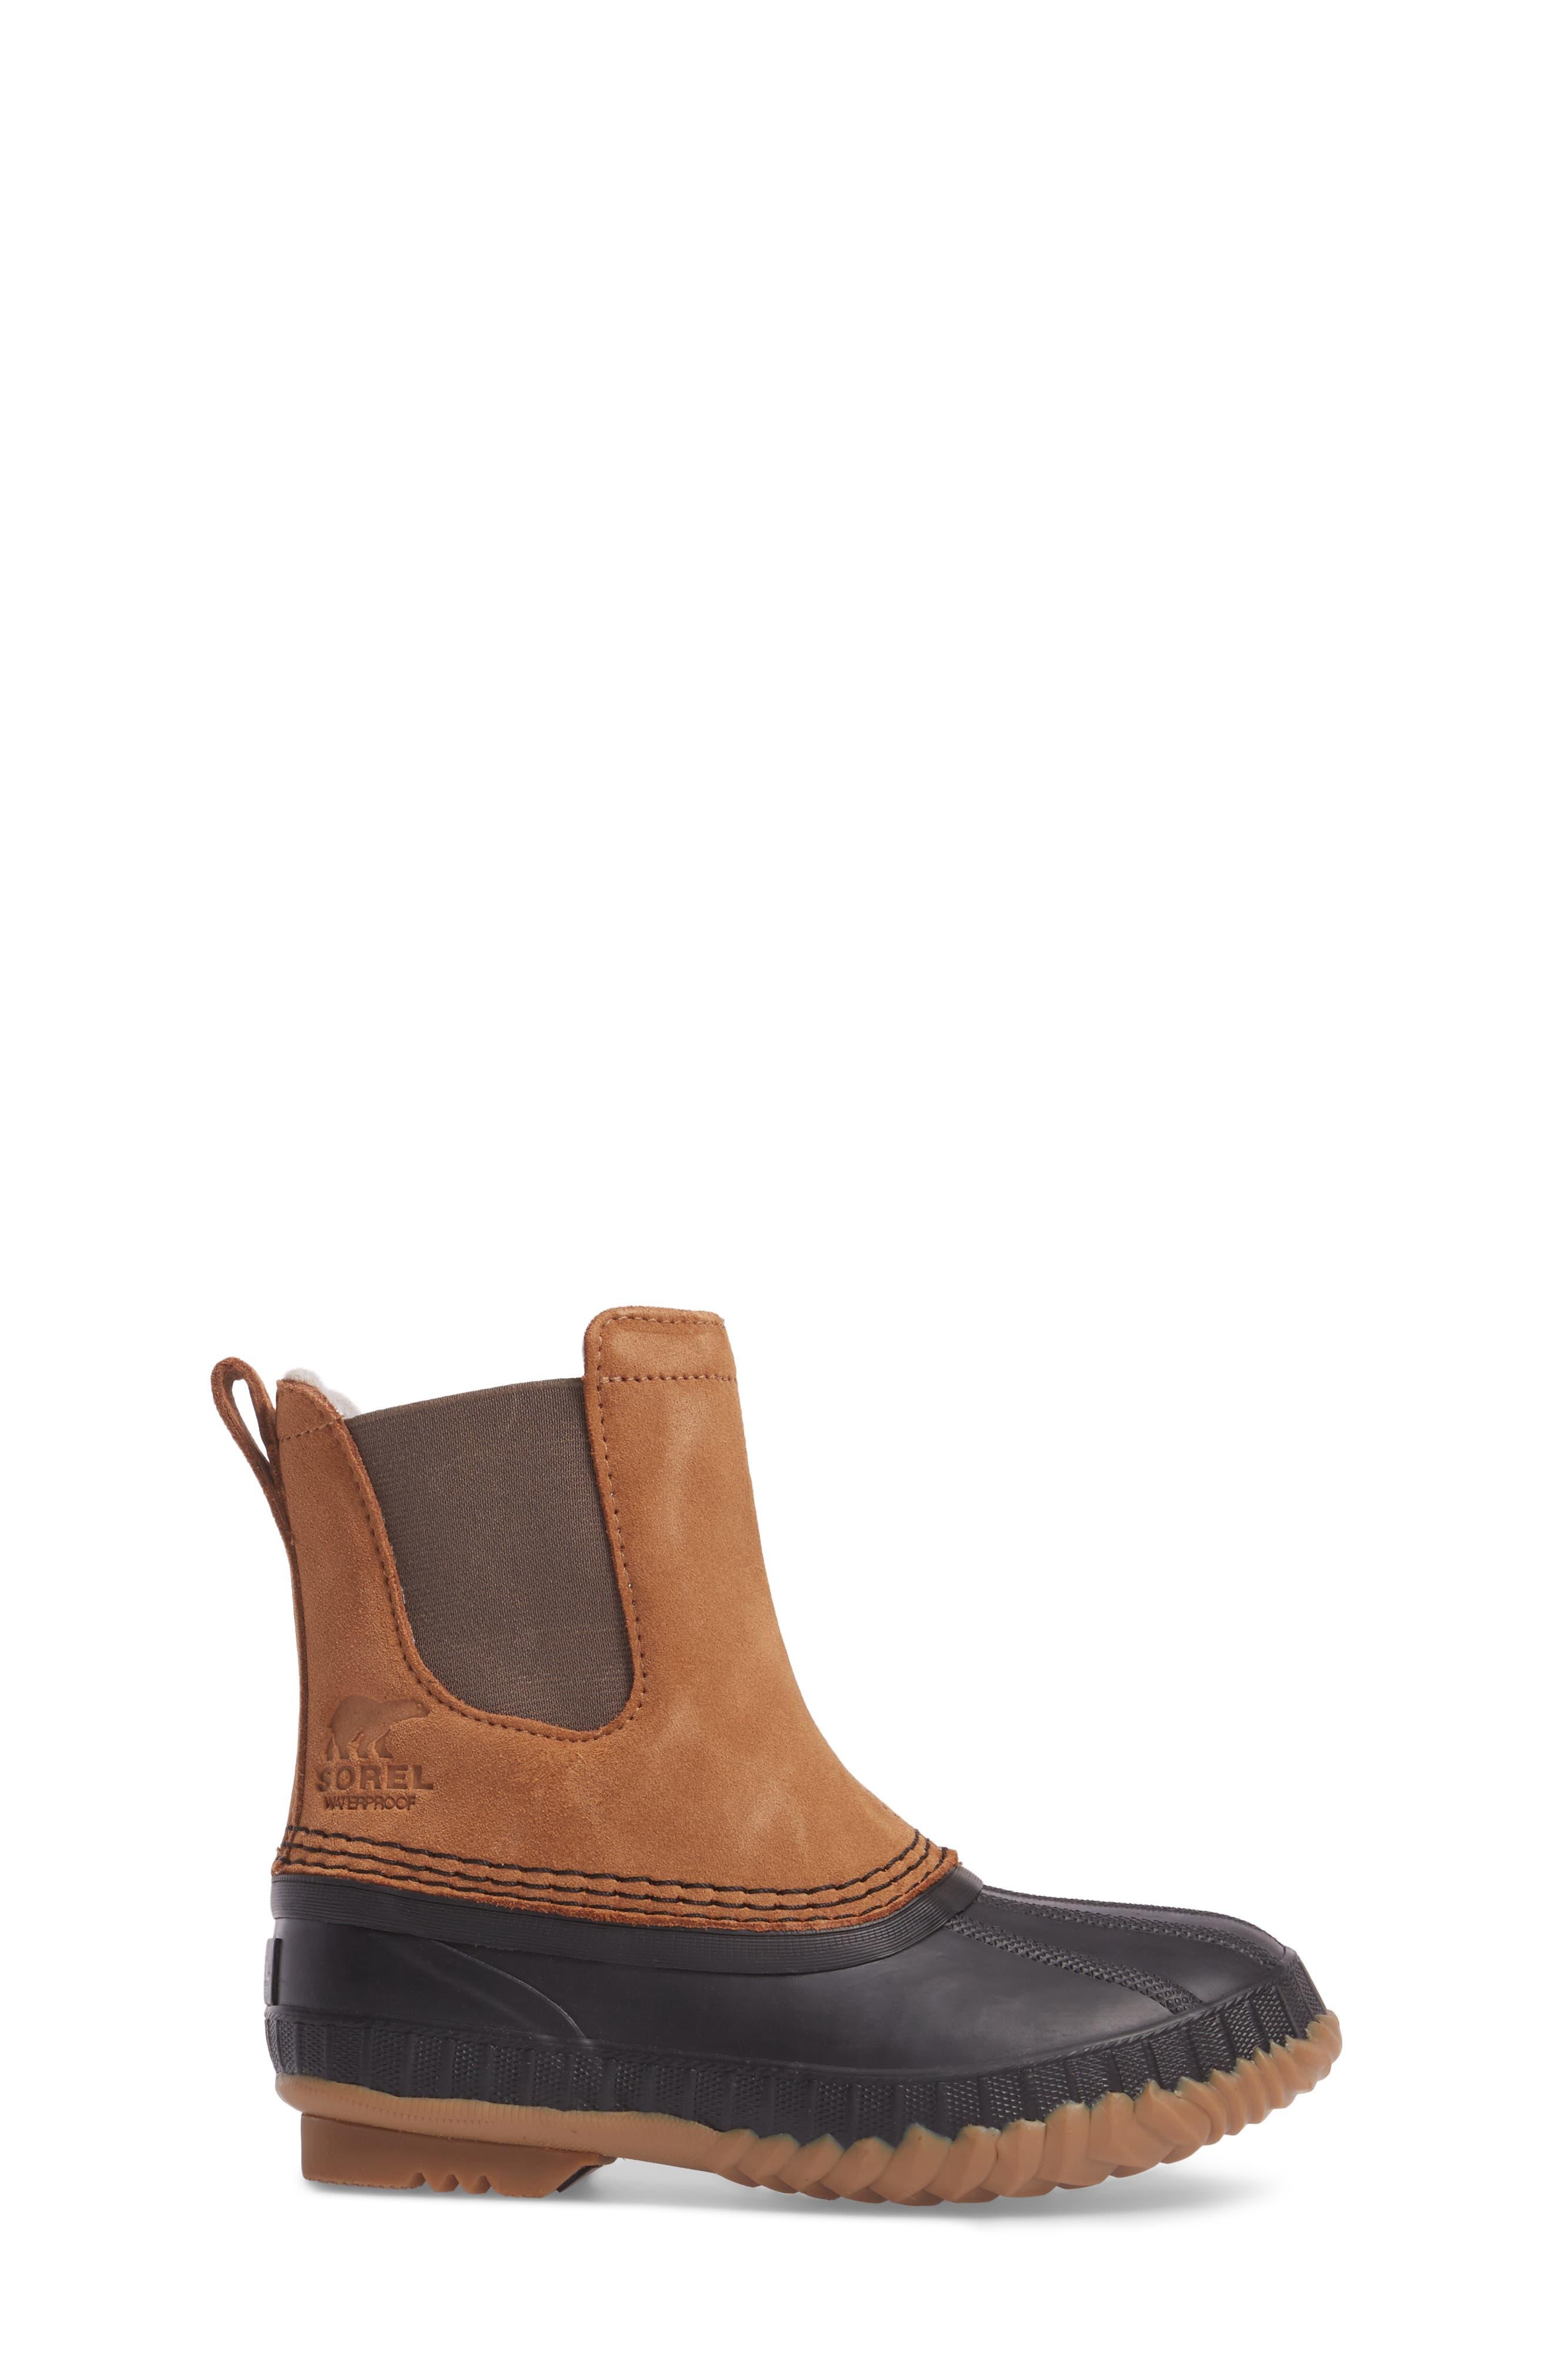 Cheyanne II Waterproof Insulated Chelsea Boot,                             Alternate thumbnail 3, color,                             Elk/ Black